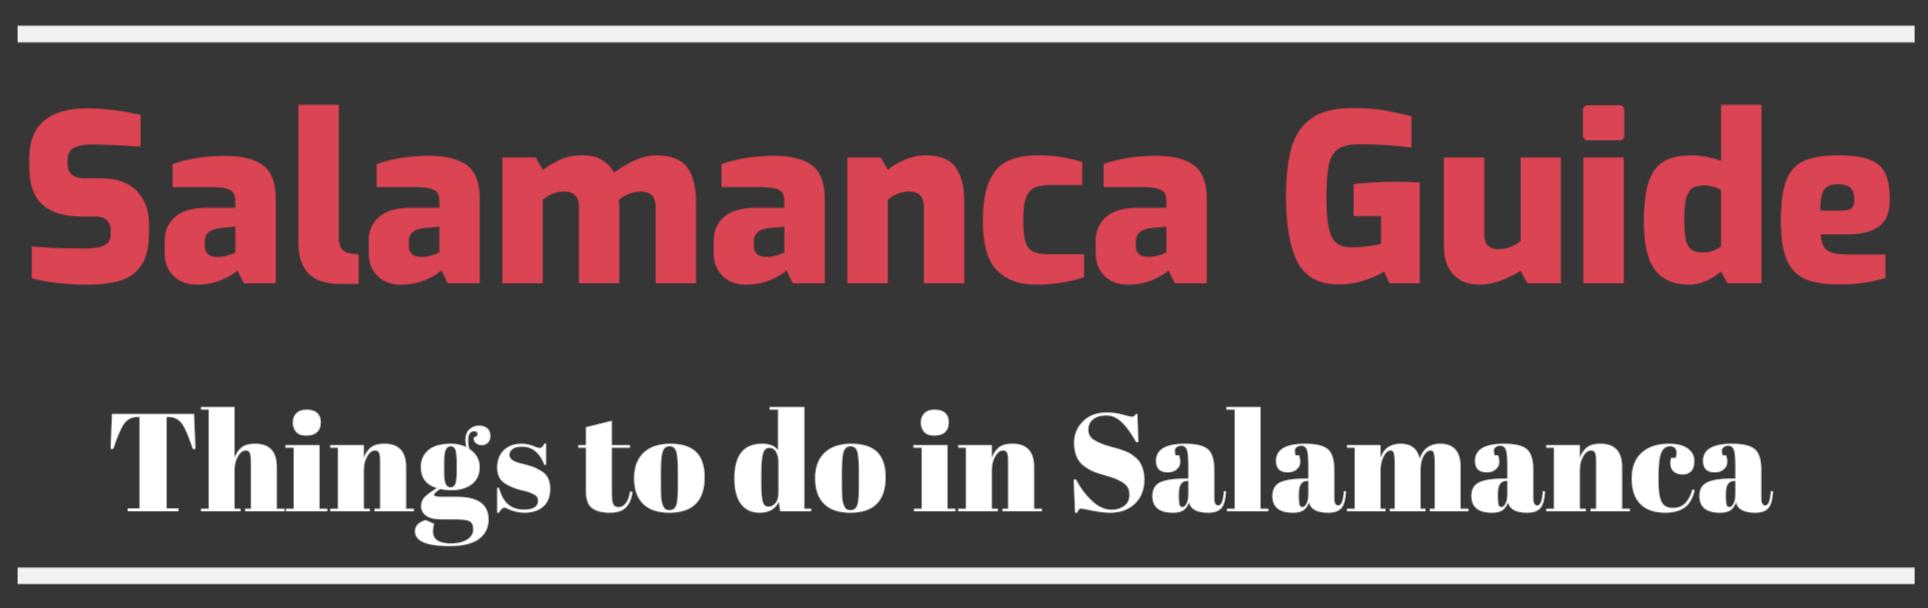 Salamanca Guide